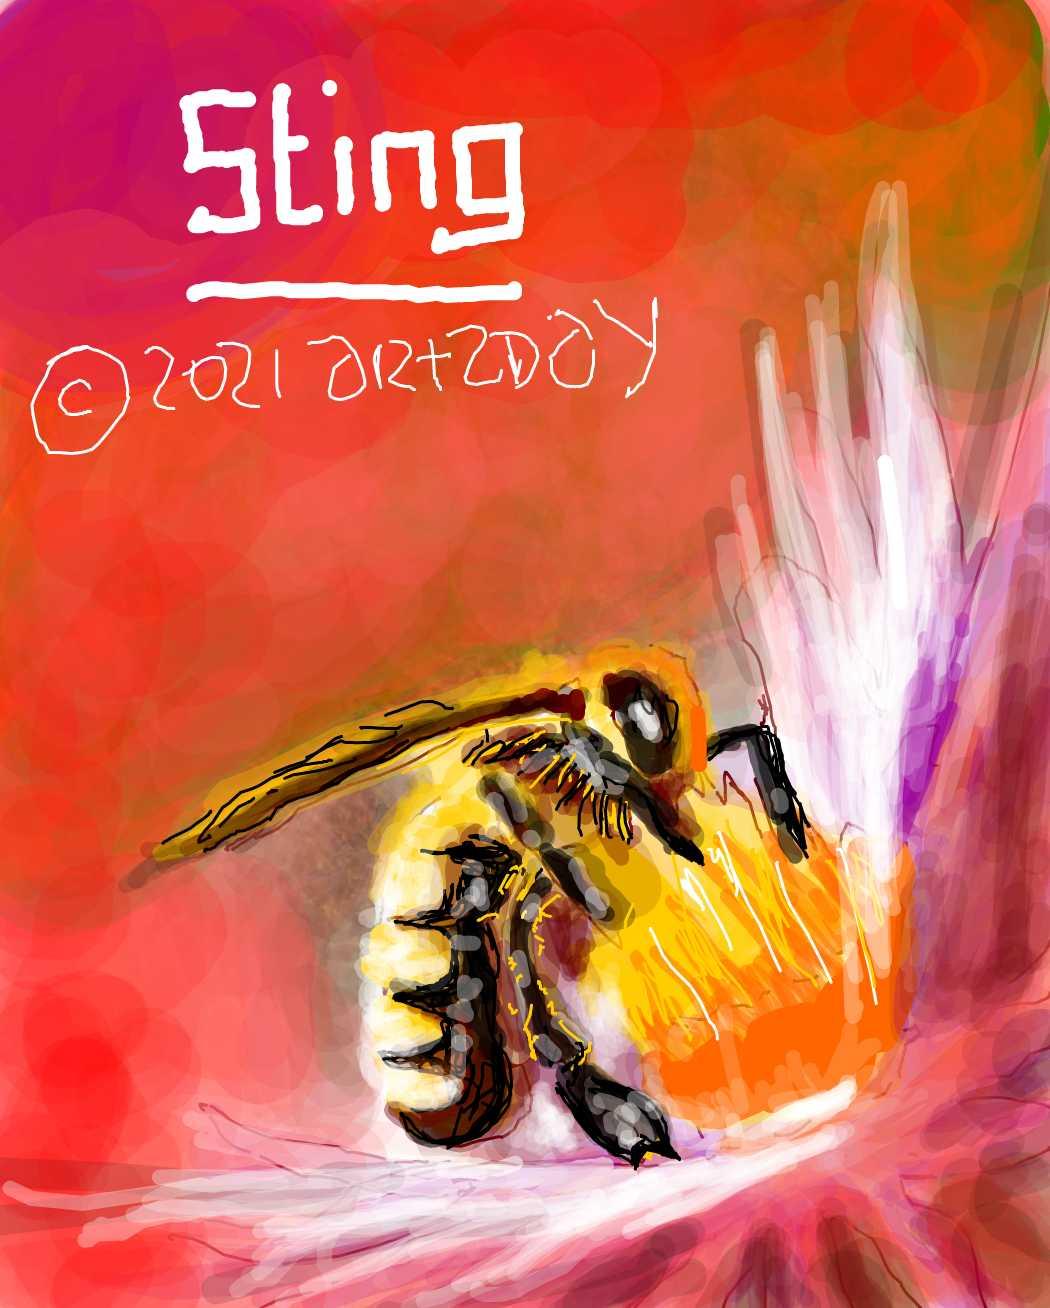 honey maker - the bee